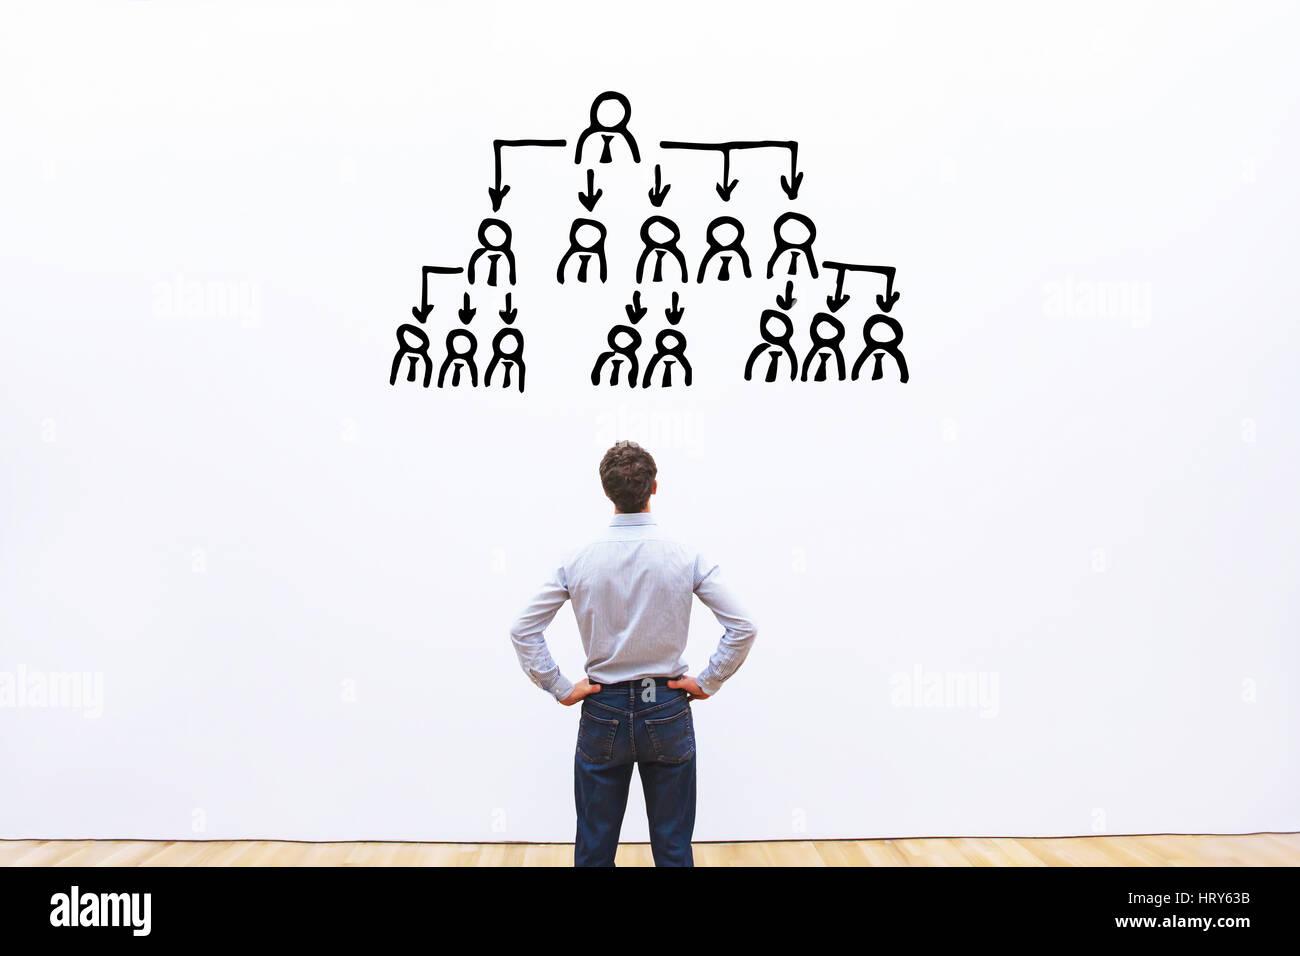 Il concetto di delega, CEO di delegare compiti ai dipendenti della società Immagini Stock